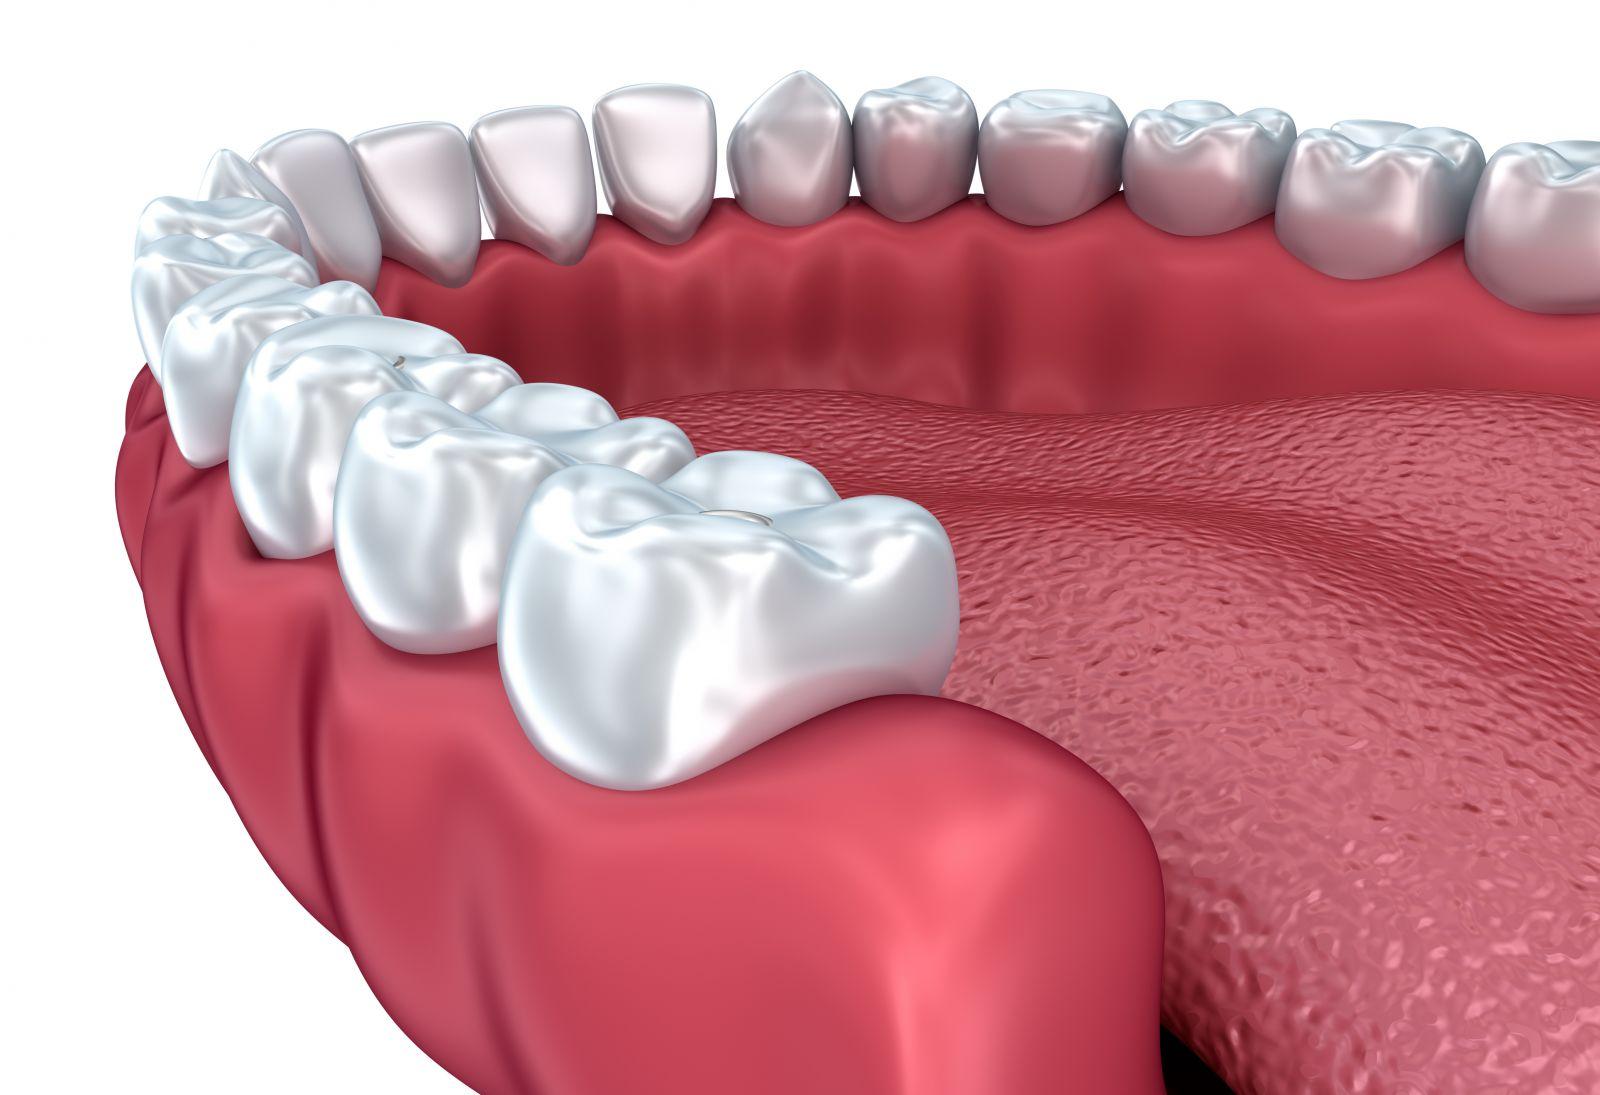 iTero Dental Imaging